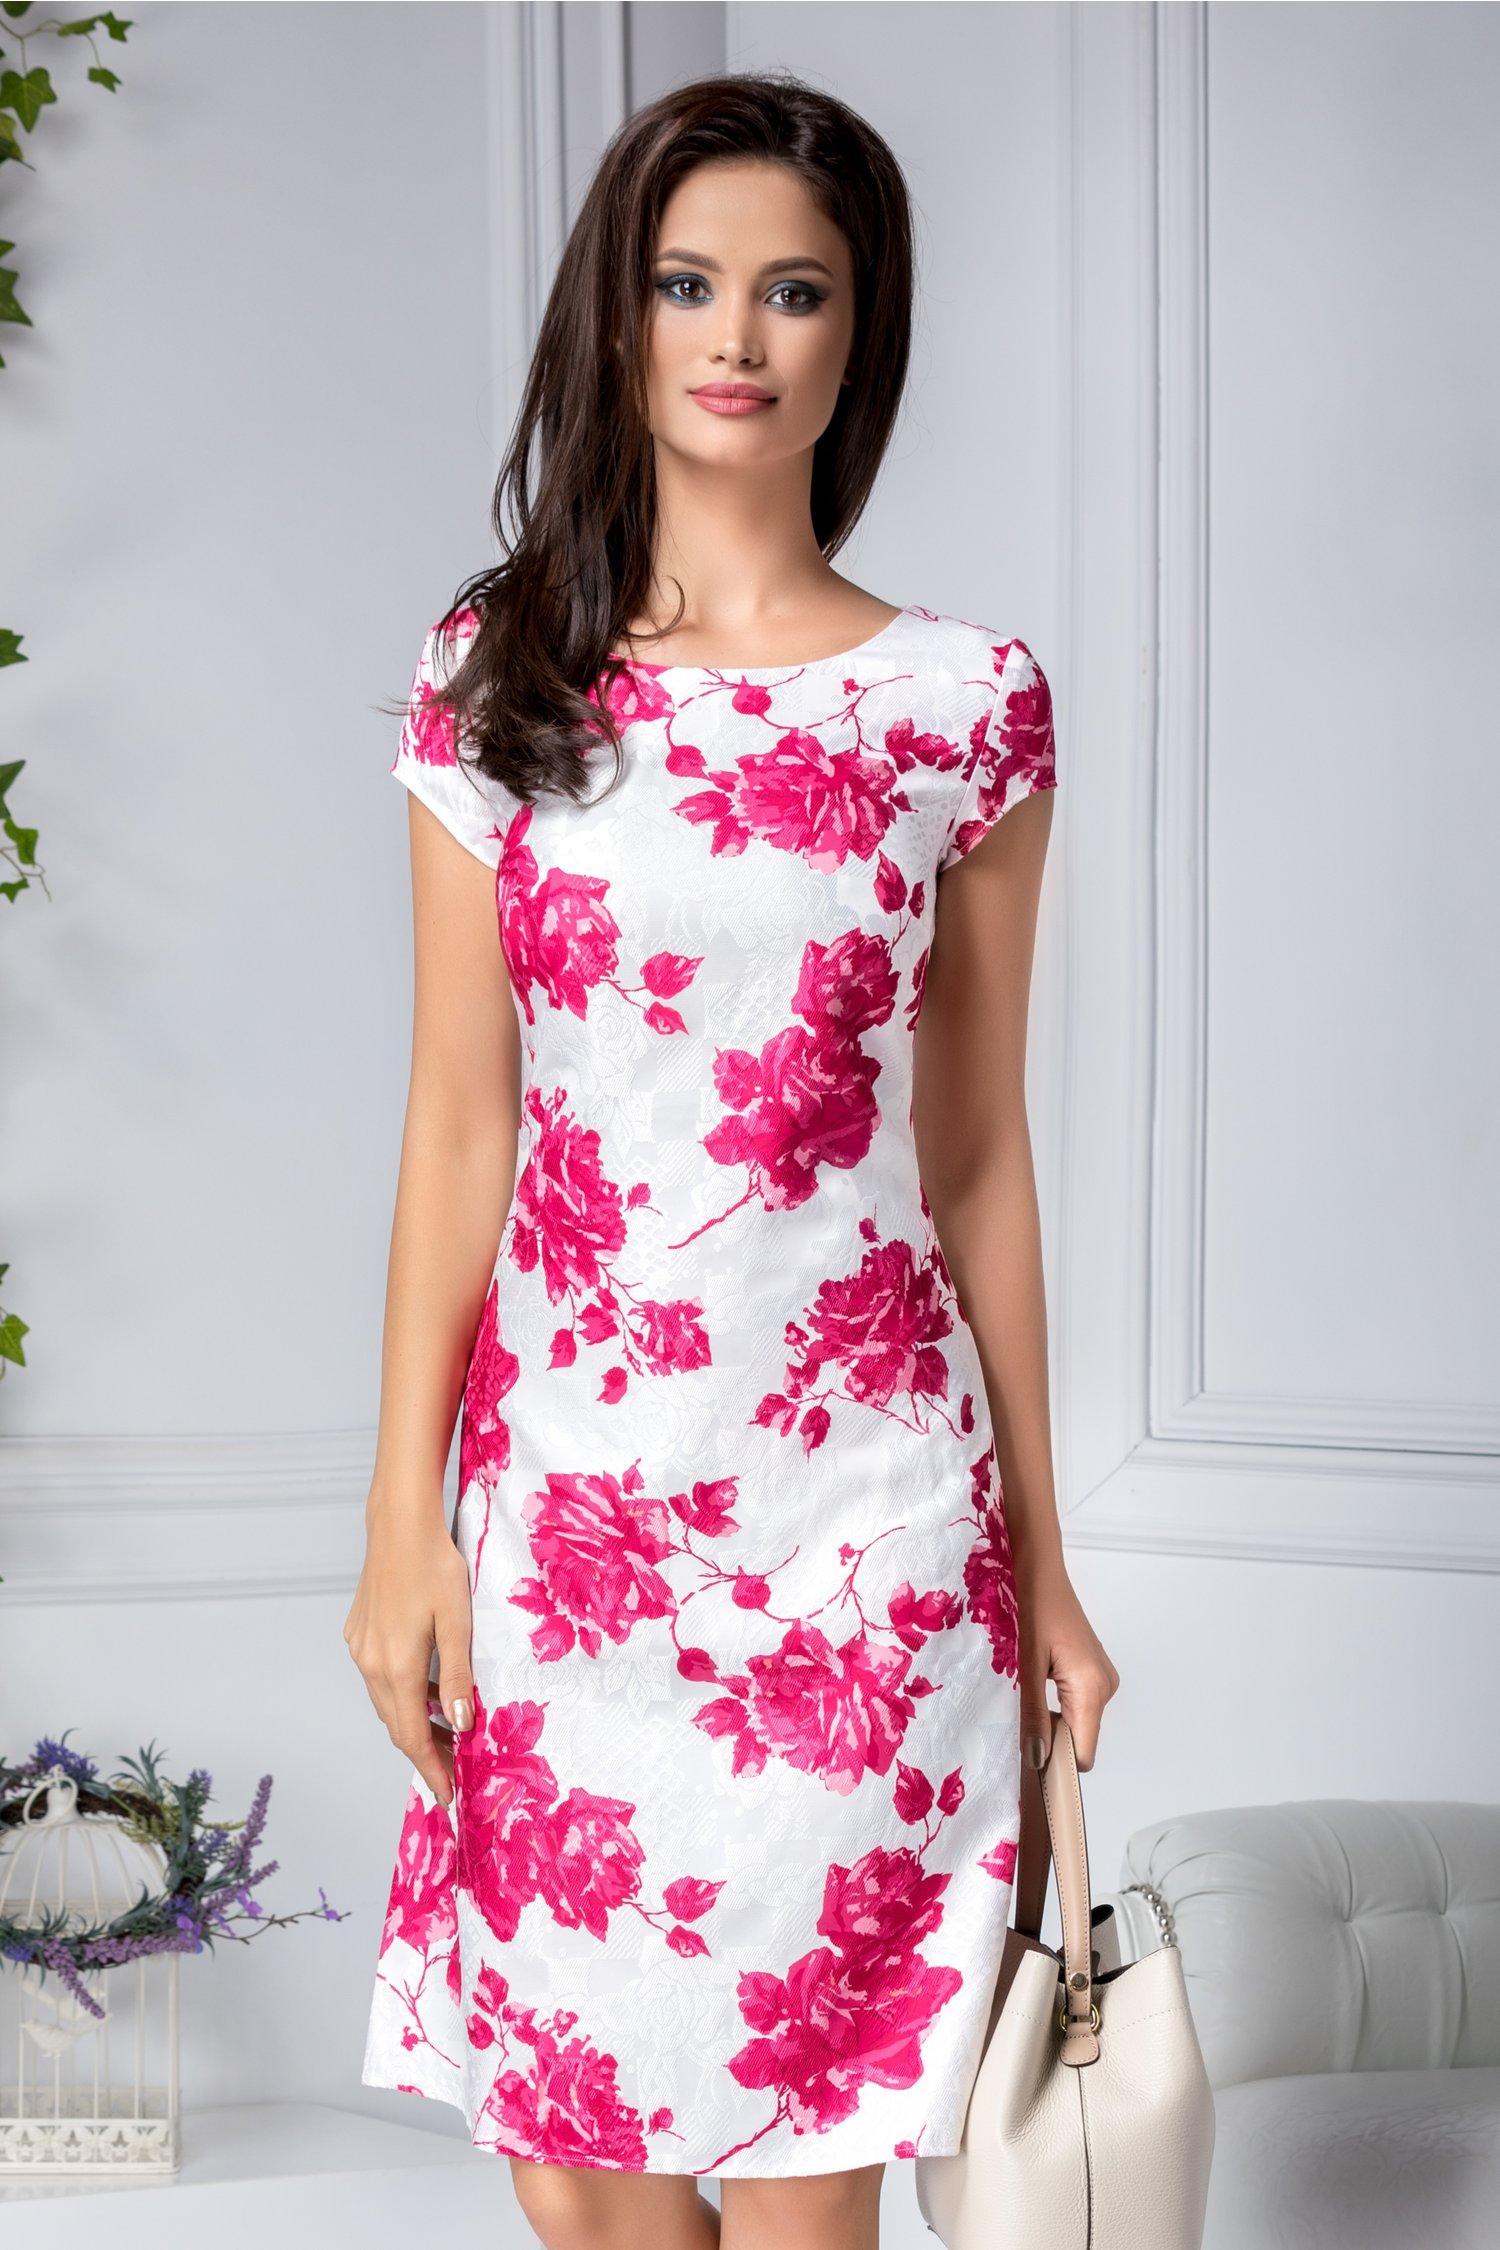 Rochie Tiana alba din bumbac cu imprimeu floral roz